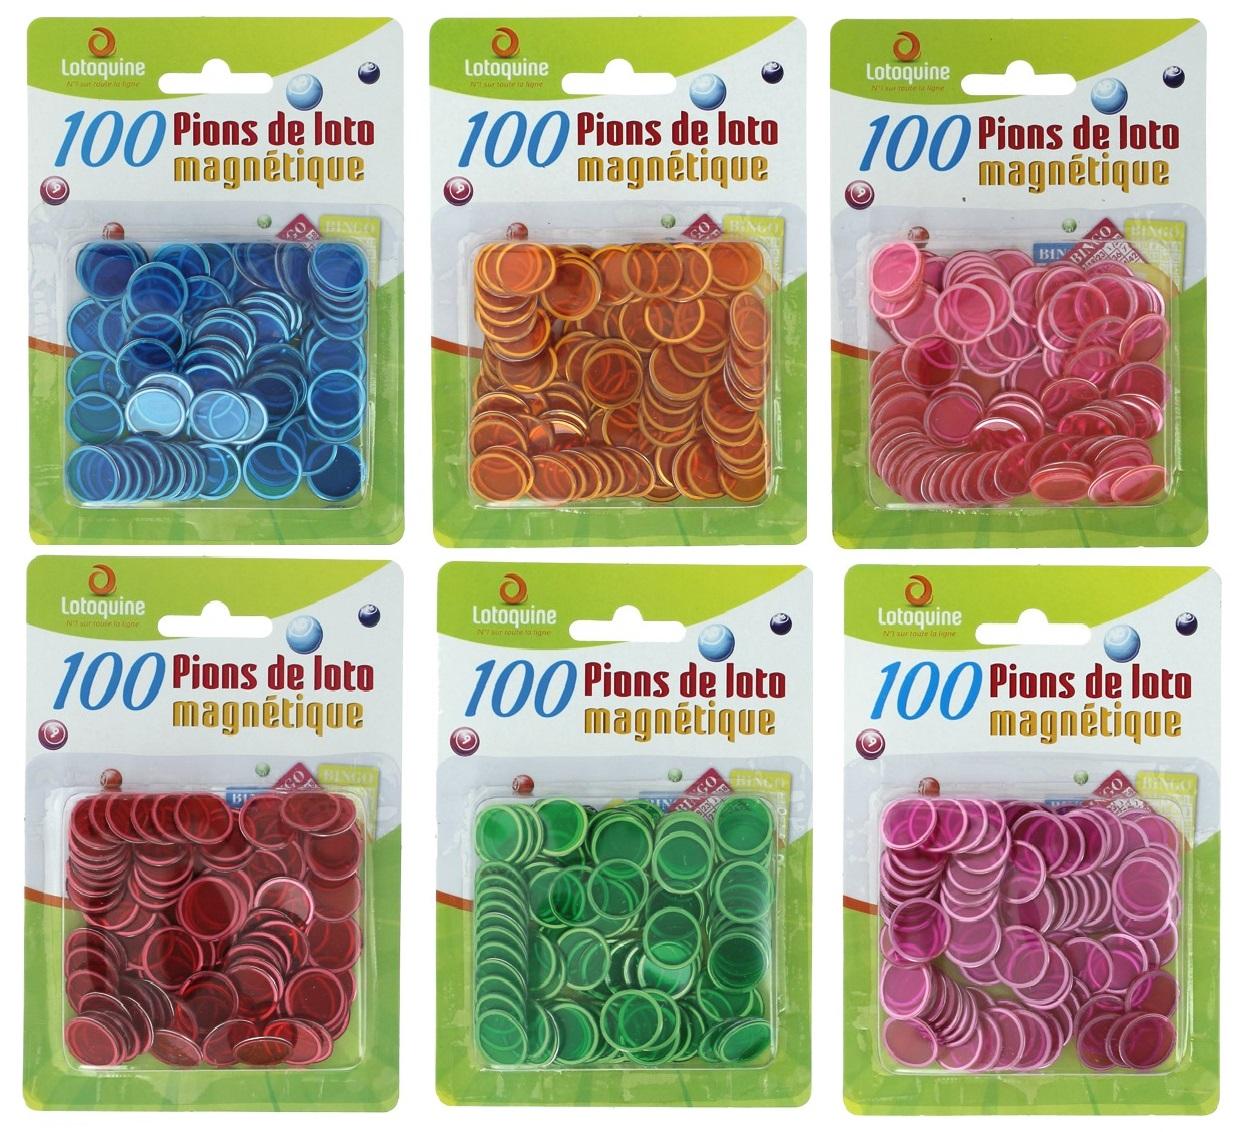 100-pions-de-loto-magnétiques